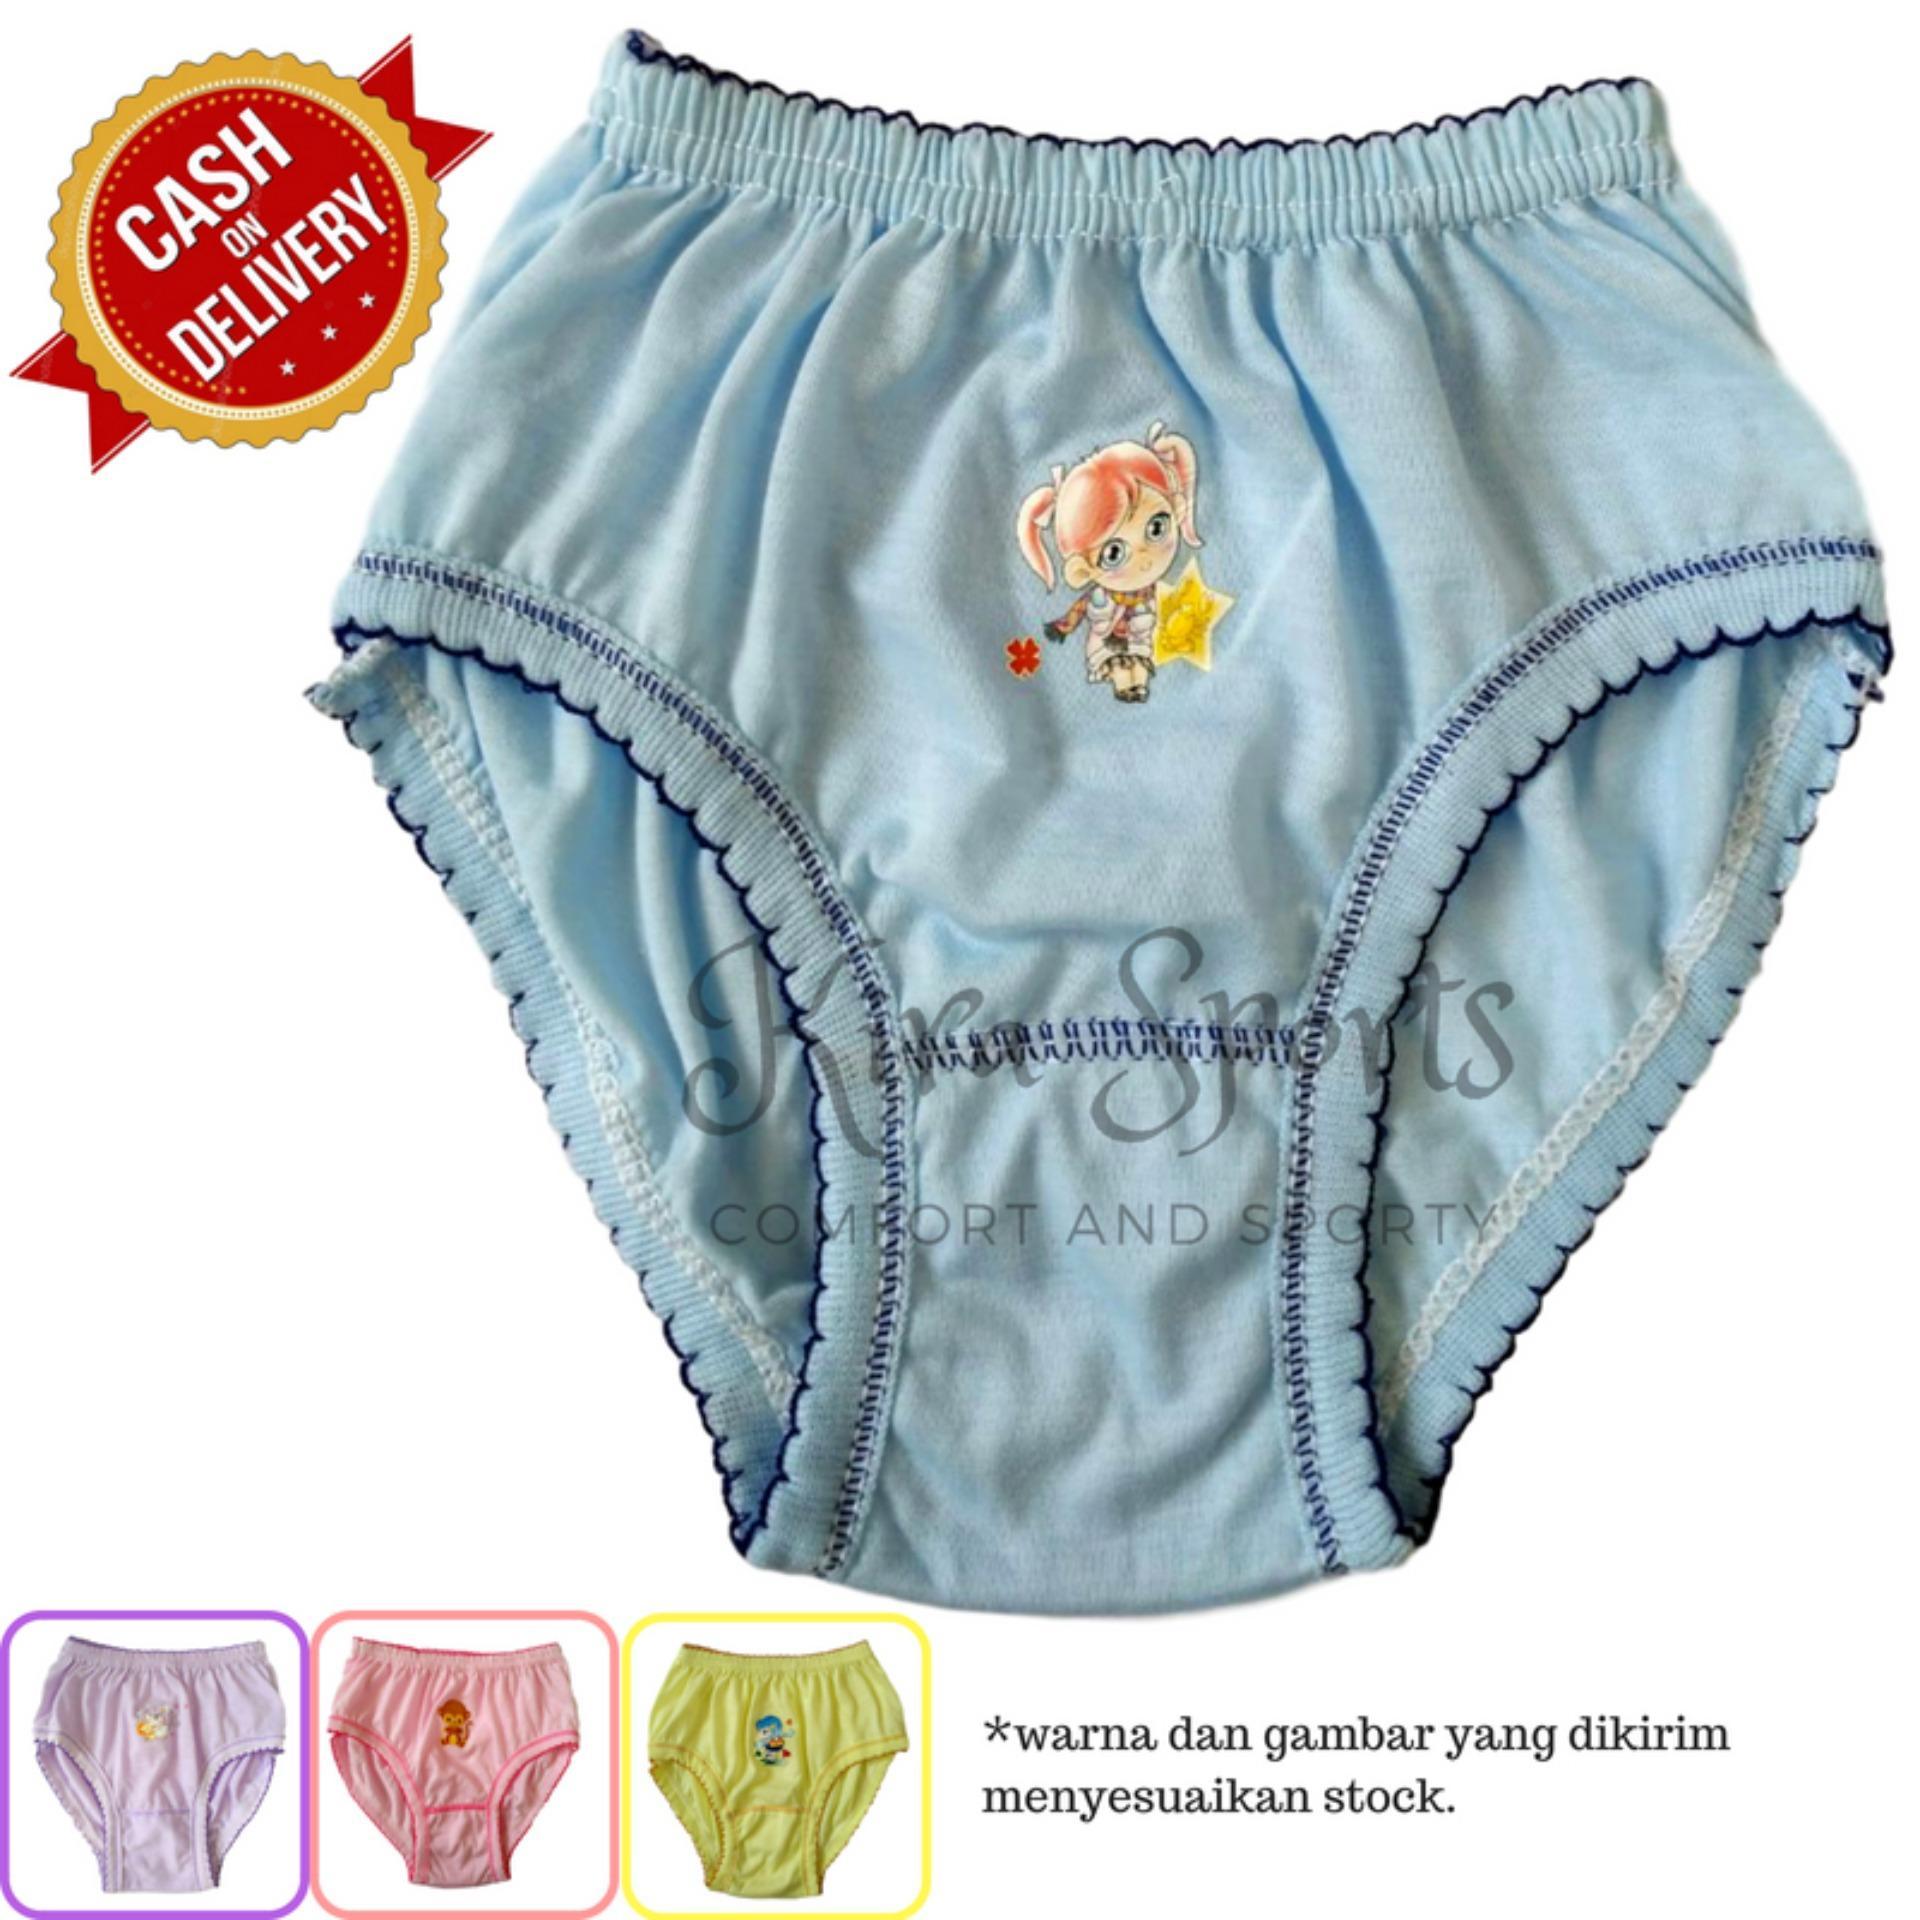 Kira Sports Celana Dalam Anak Perempuan / Aneka Bawahan Cewek Motif Kartun Karakter Lucu Terbaru Untuk Anak-anak dan Balita / Bukan Merk Sorex Jumbo Transparan G-string Boxer Bunga dan Untuk Ibu hamil / Dalaman Wanita Bahan Katun Murah ANK71601 - Bisa COD